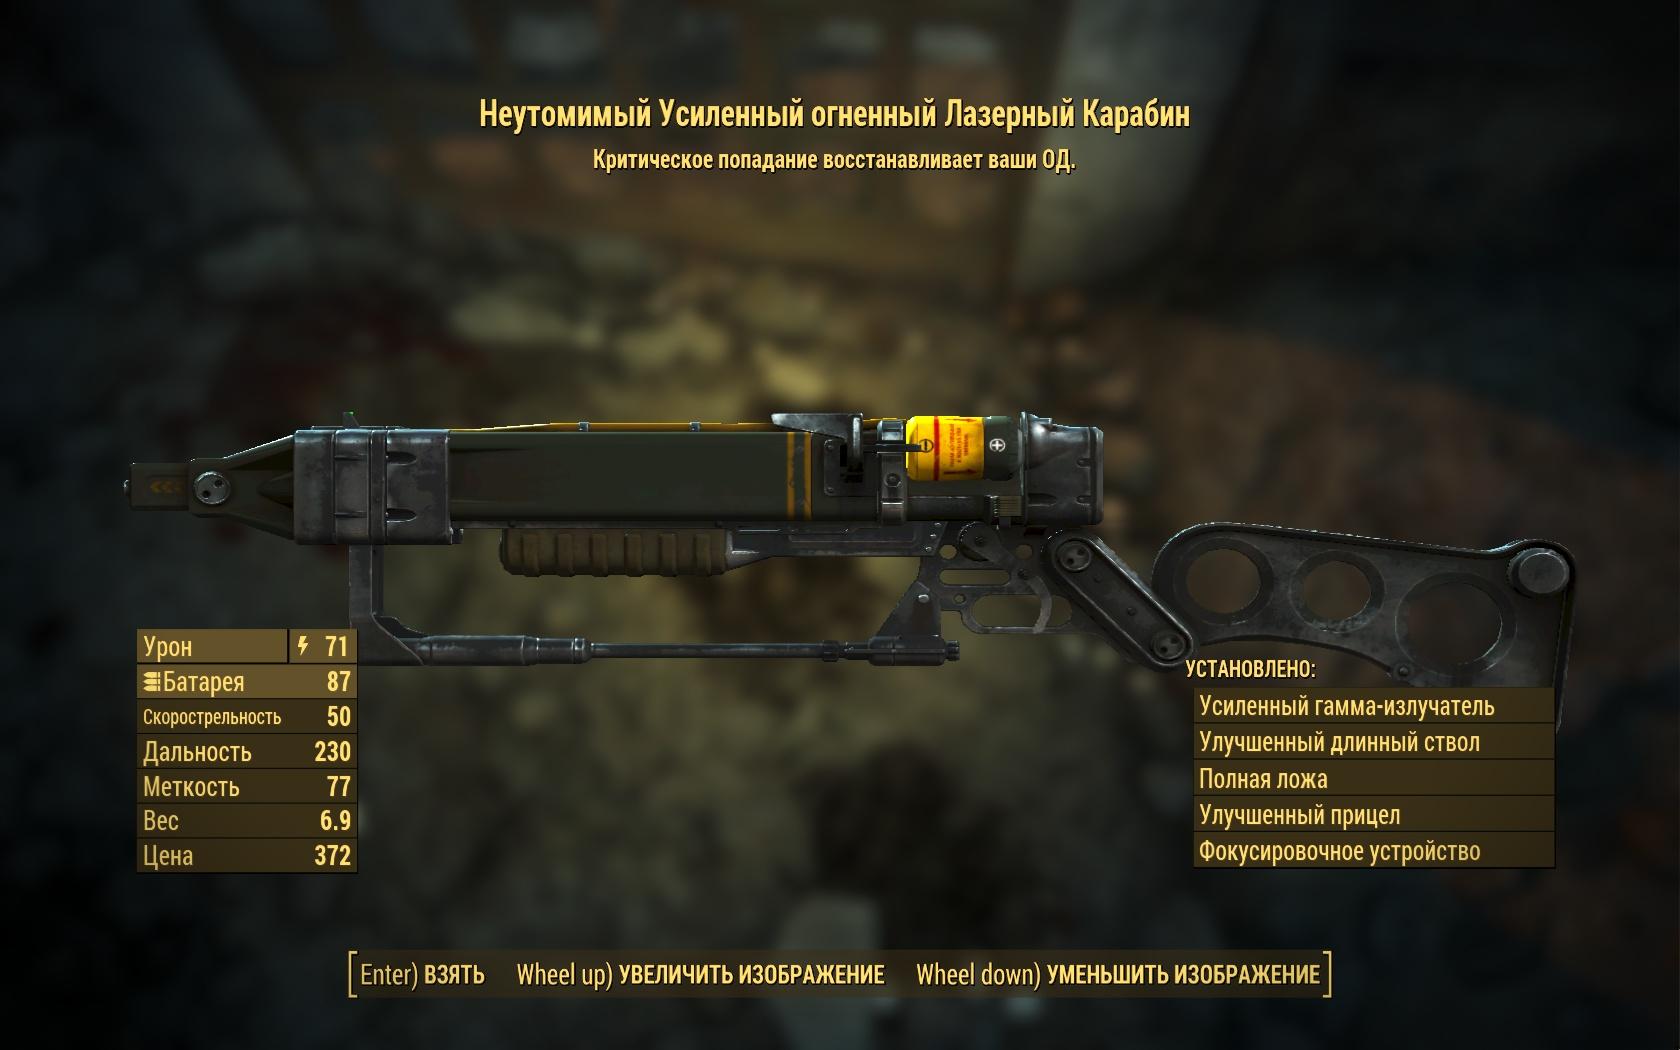 карабин - Fallout 4 Nuka World, лазерный, Неутомимый, огненный, Оружие, Освальд, усиленный, Шокирующий, Ядер-Мир